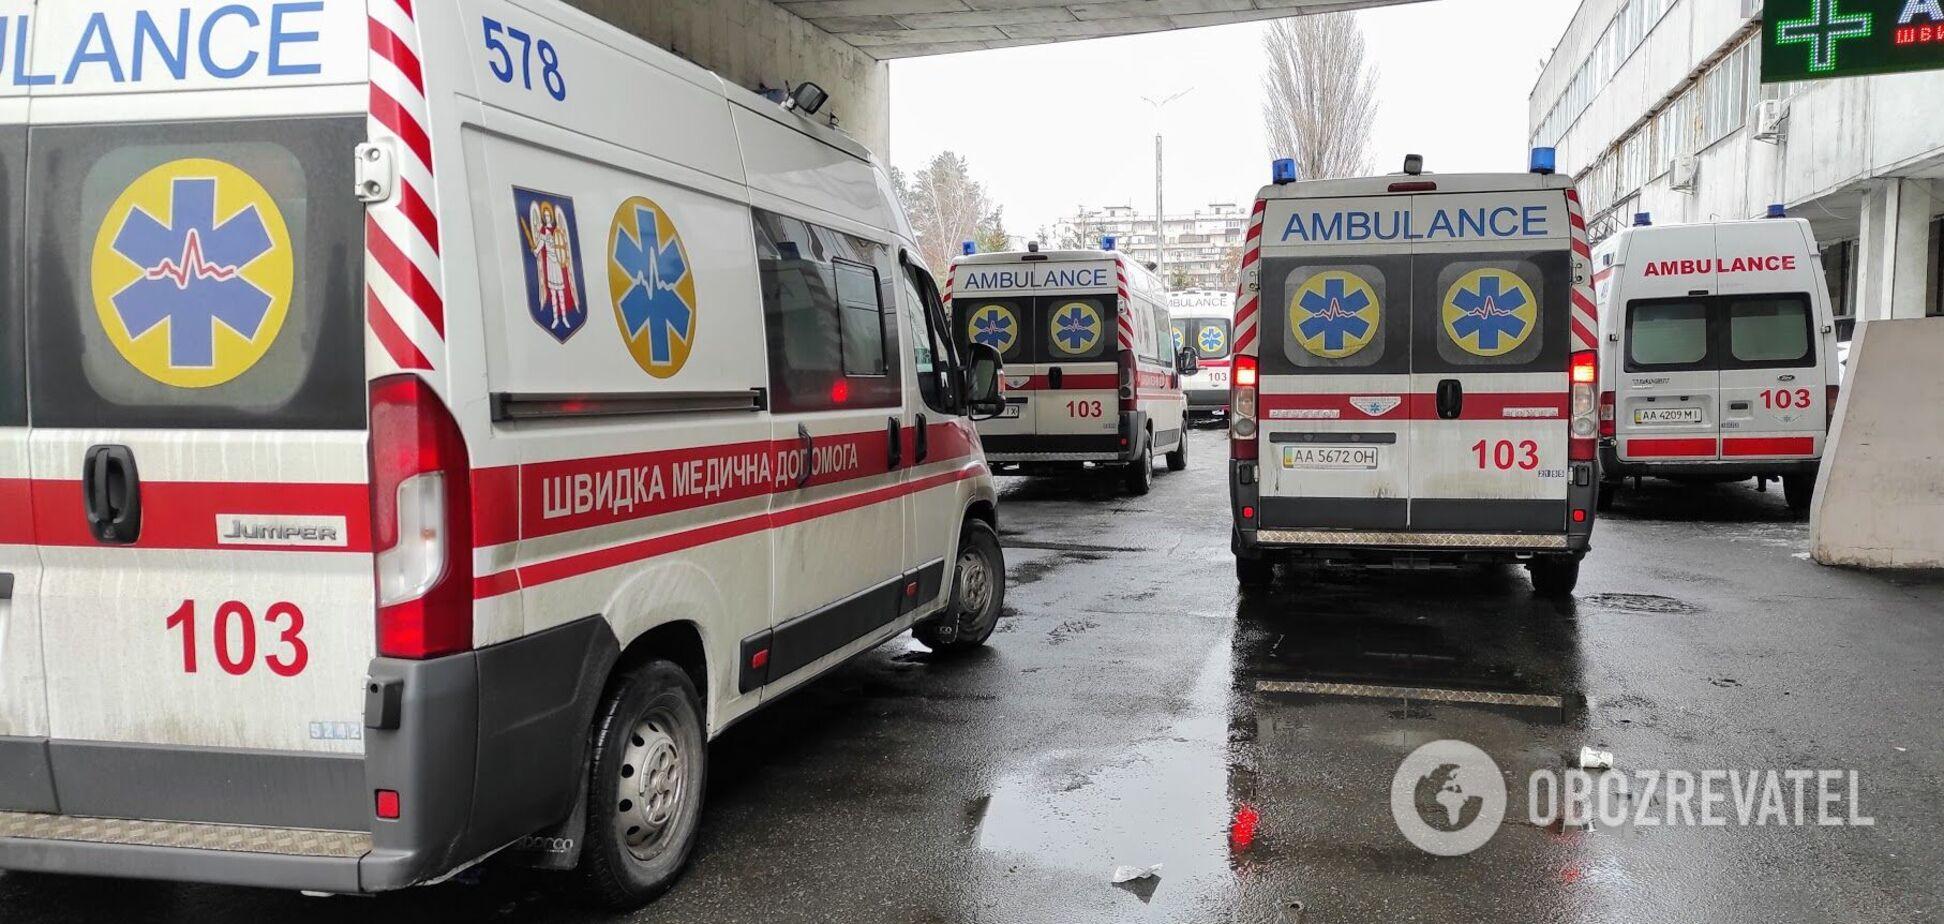 Київська влада оплачує паливно-мастильні матеріали для авто